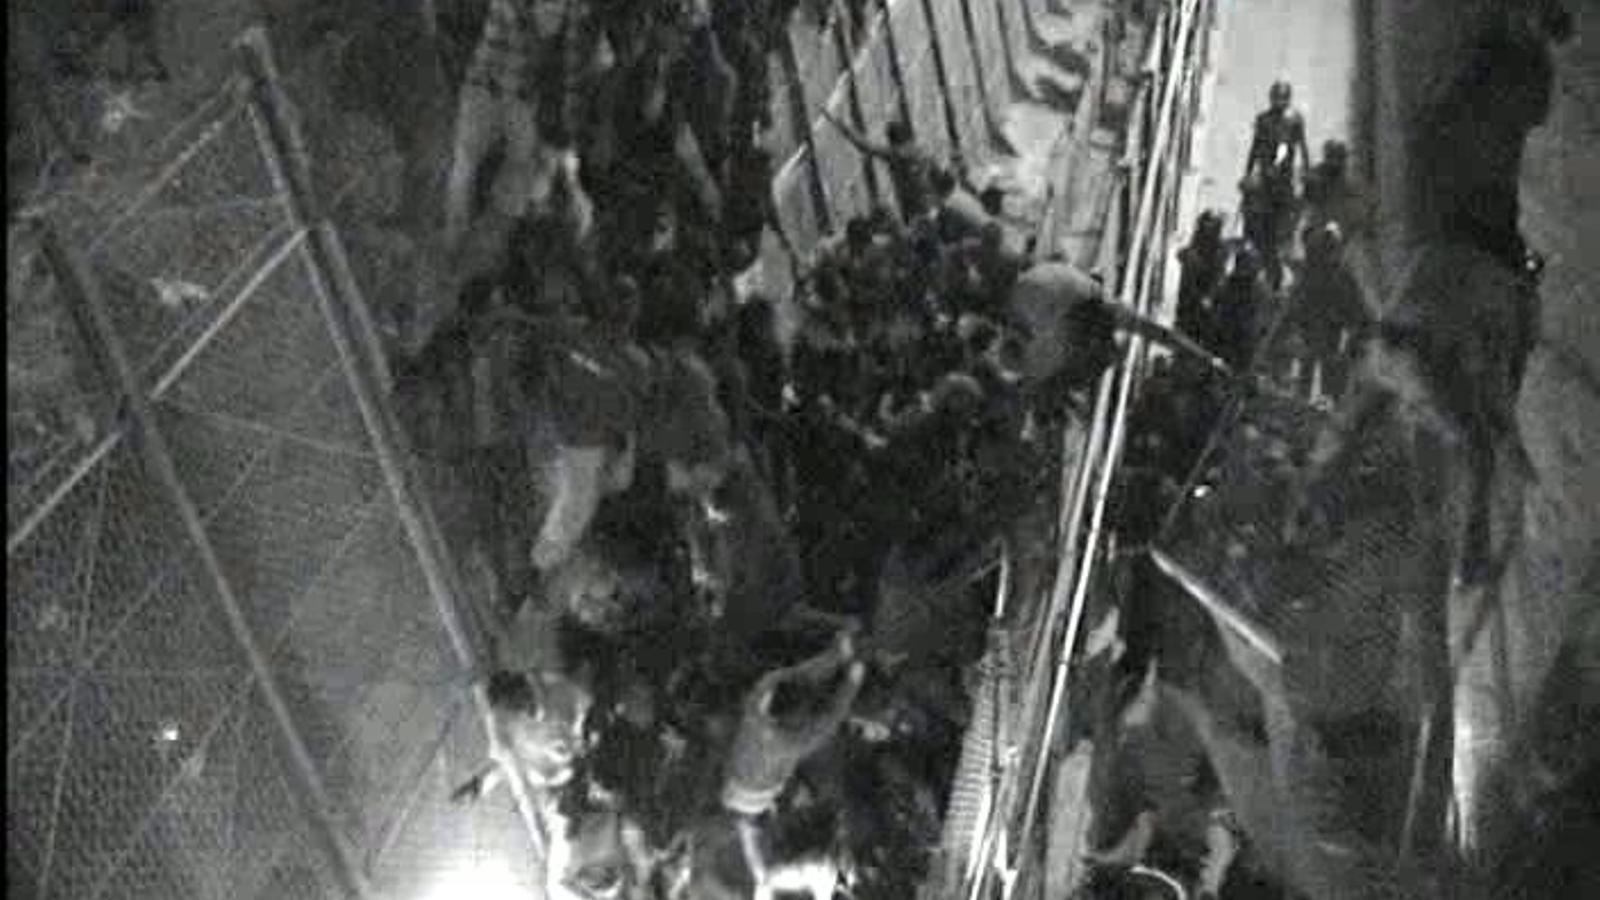 Intent de salt de la tanca fronterera entre Melilla i el Marroc, la nit de dimarts a dimecres